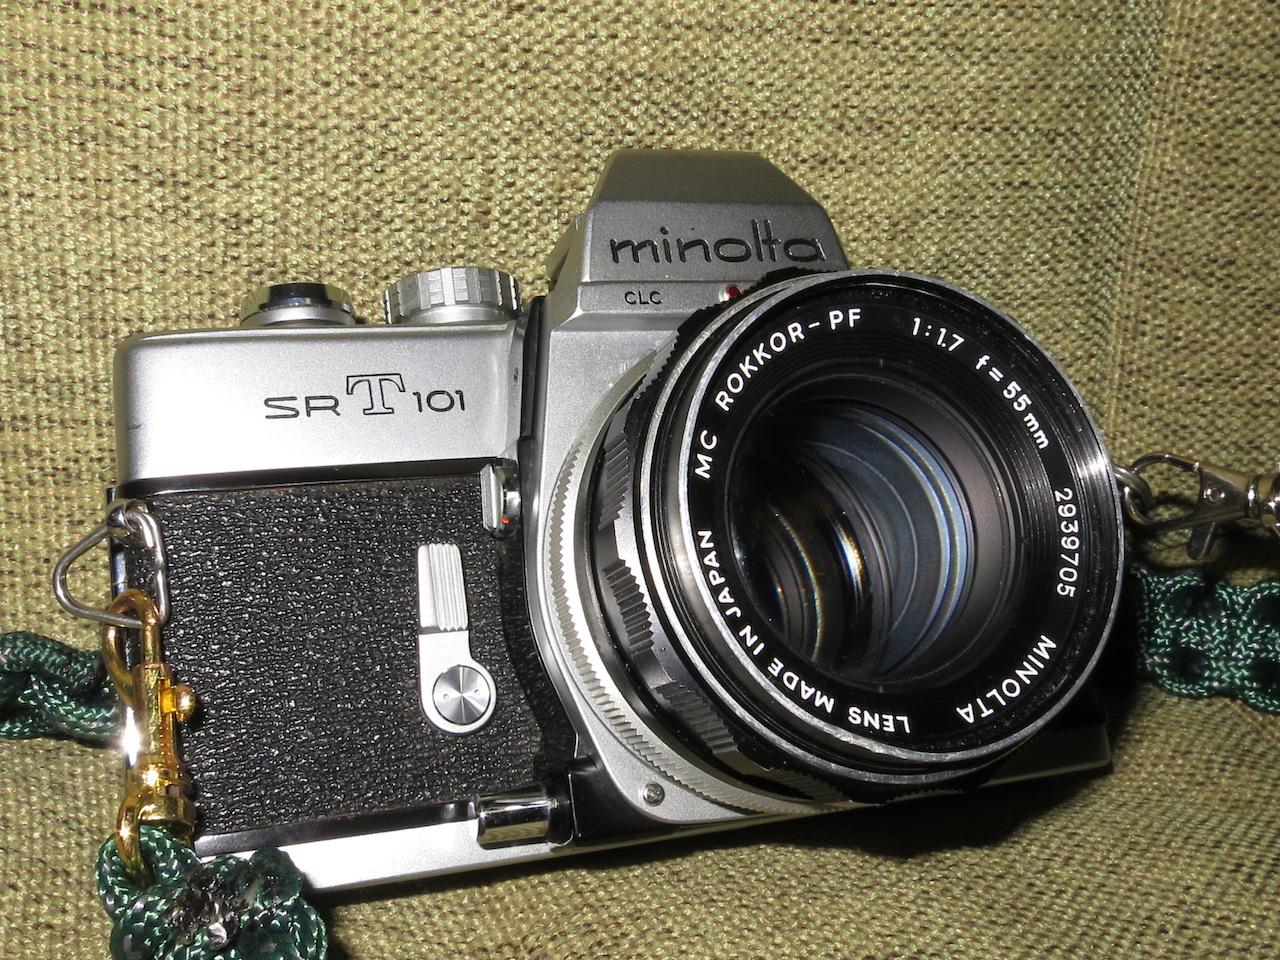 Minolta SRT 101